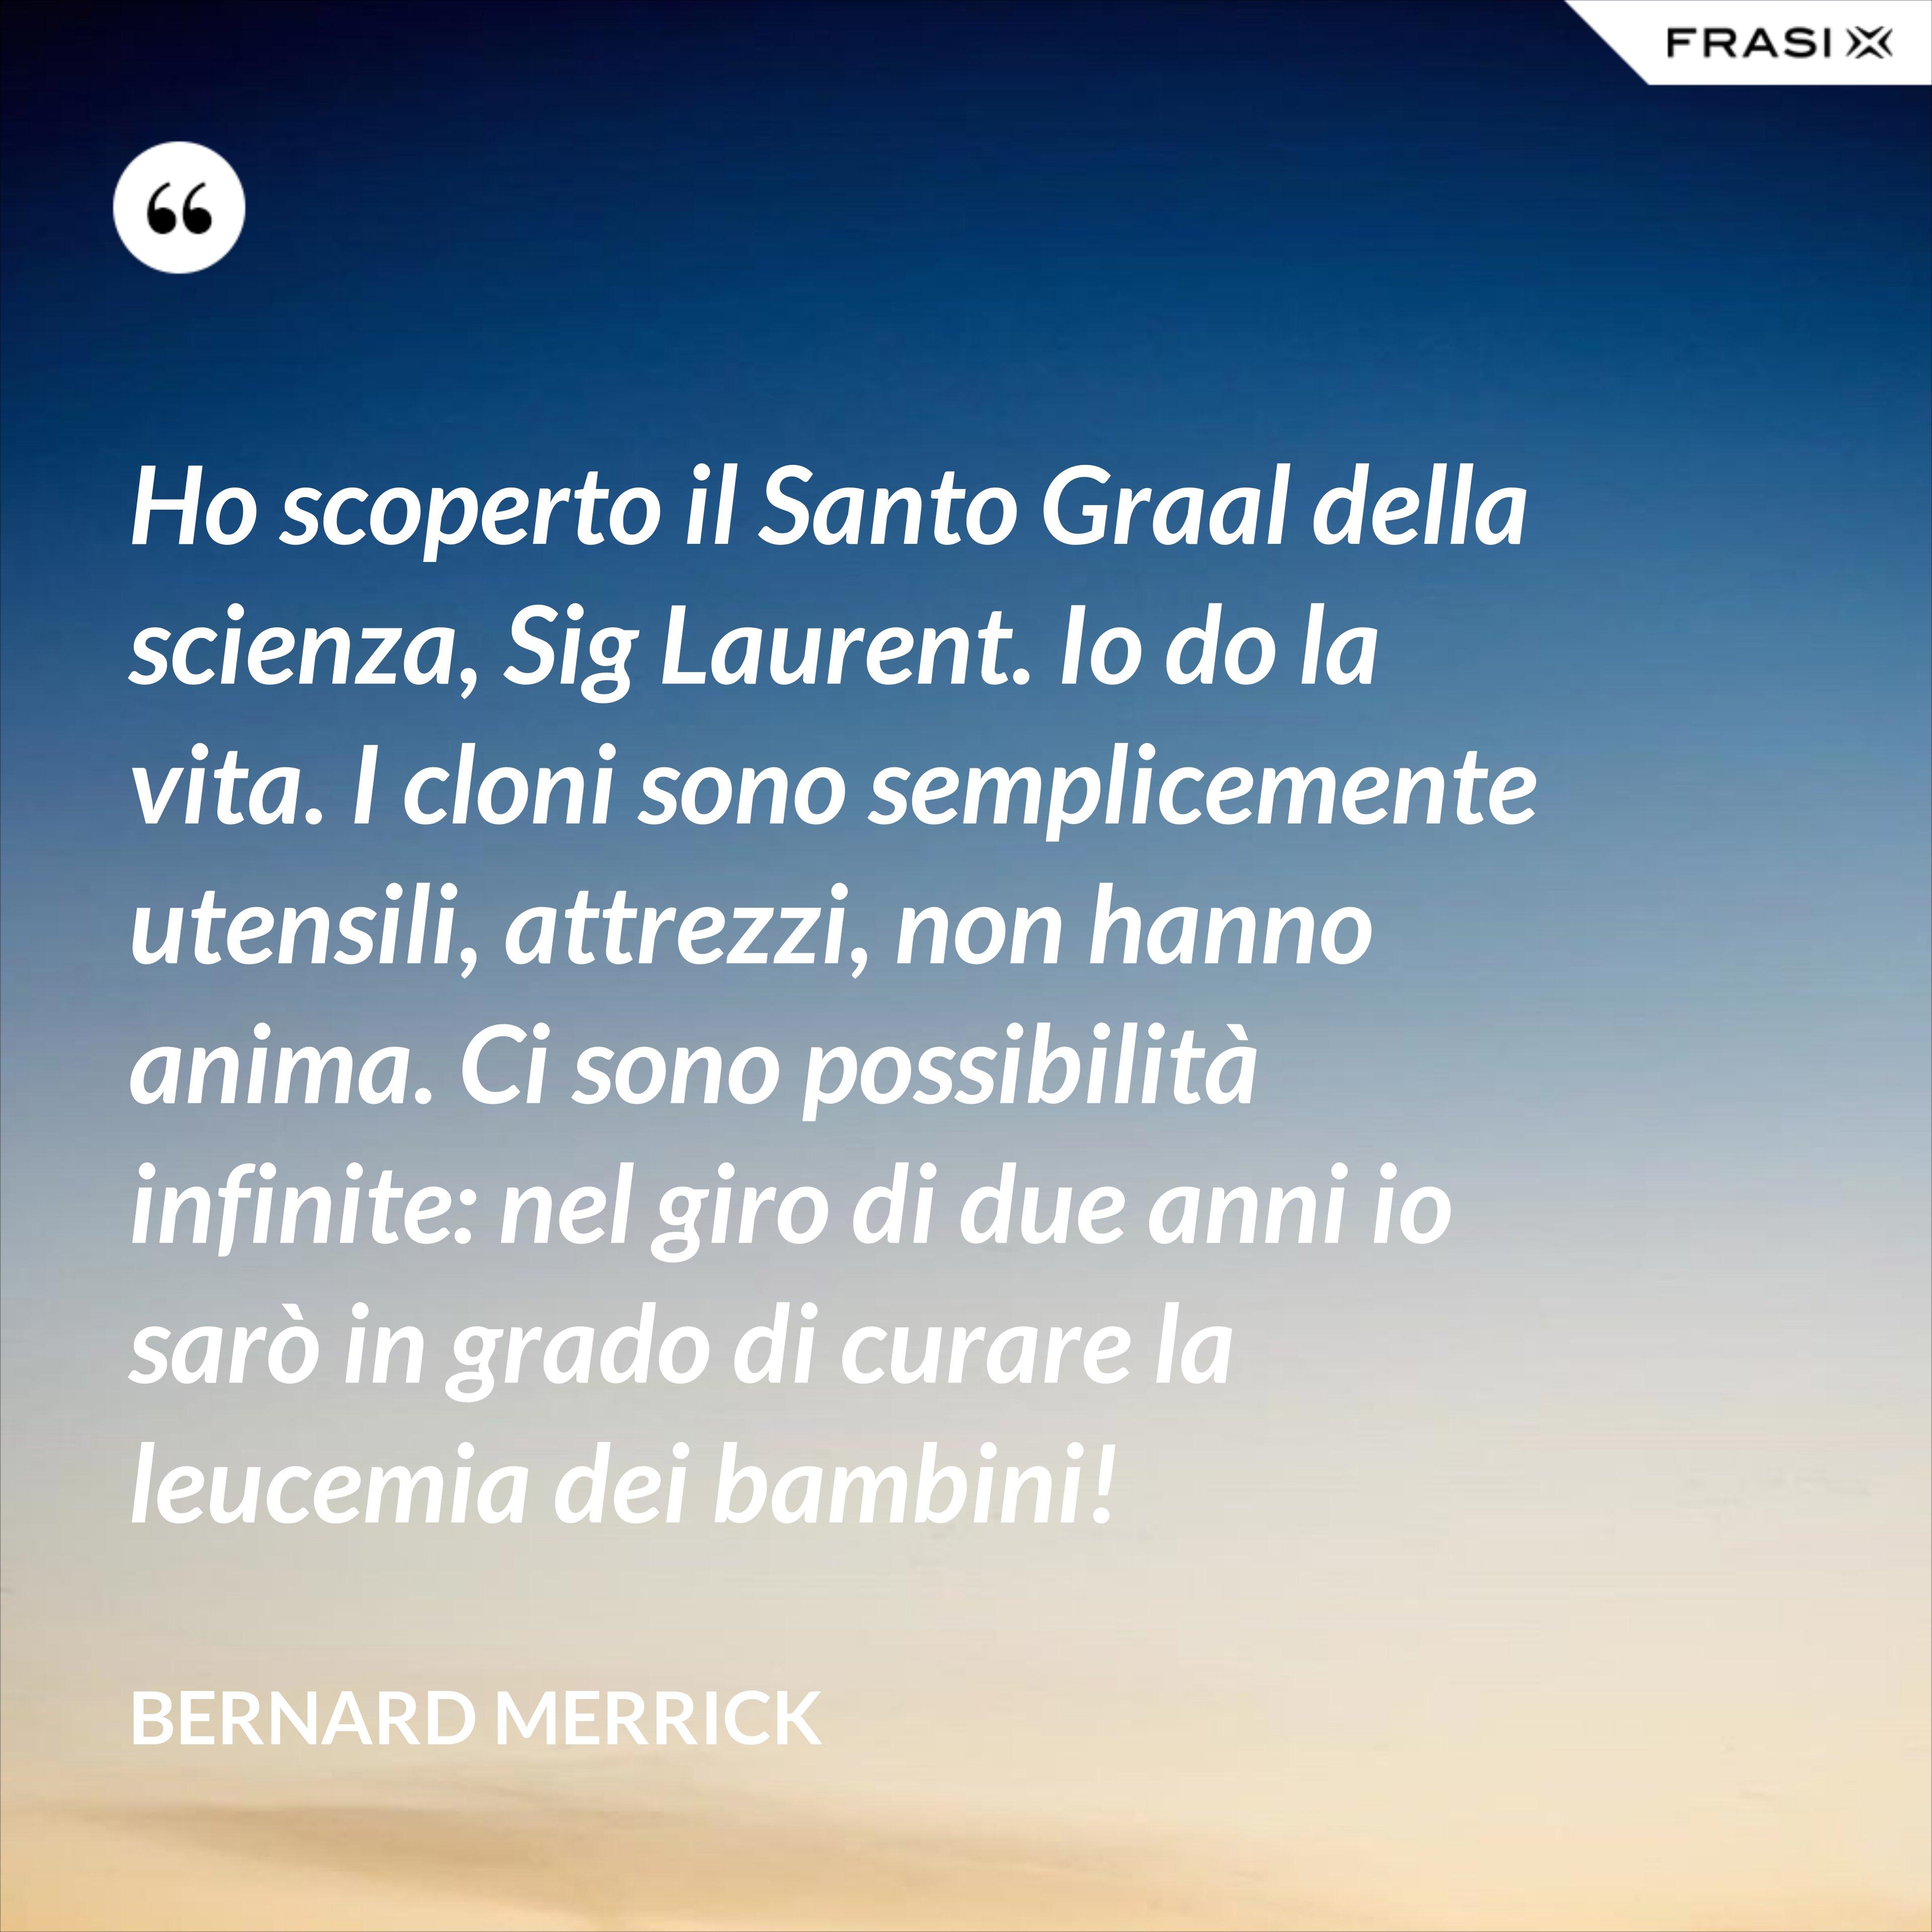 Ho scoperto il Santo Graal della scienza, Sig Laurent. Io do la vita. I cloni sono semplicemente utensili, attrezzi, non hanno anima. Ci sono possibilità infinite: nel giro di due anni io sarò in grado di curare la leucemia dei bambini! - Bernard Merrick